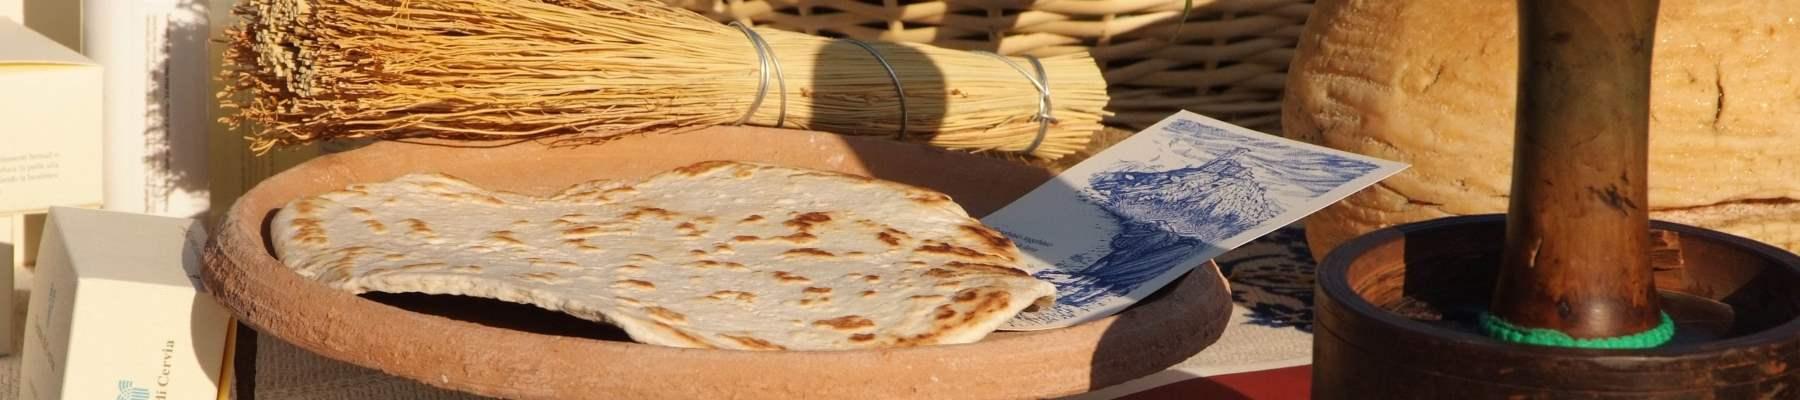 Come preparare la tradizionale piadina romagnola